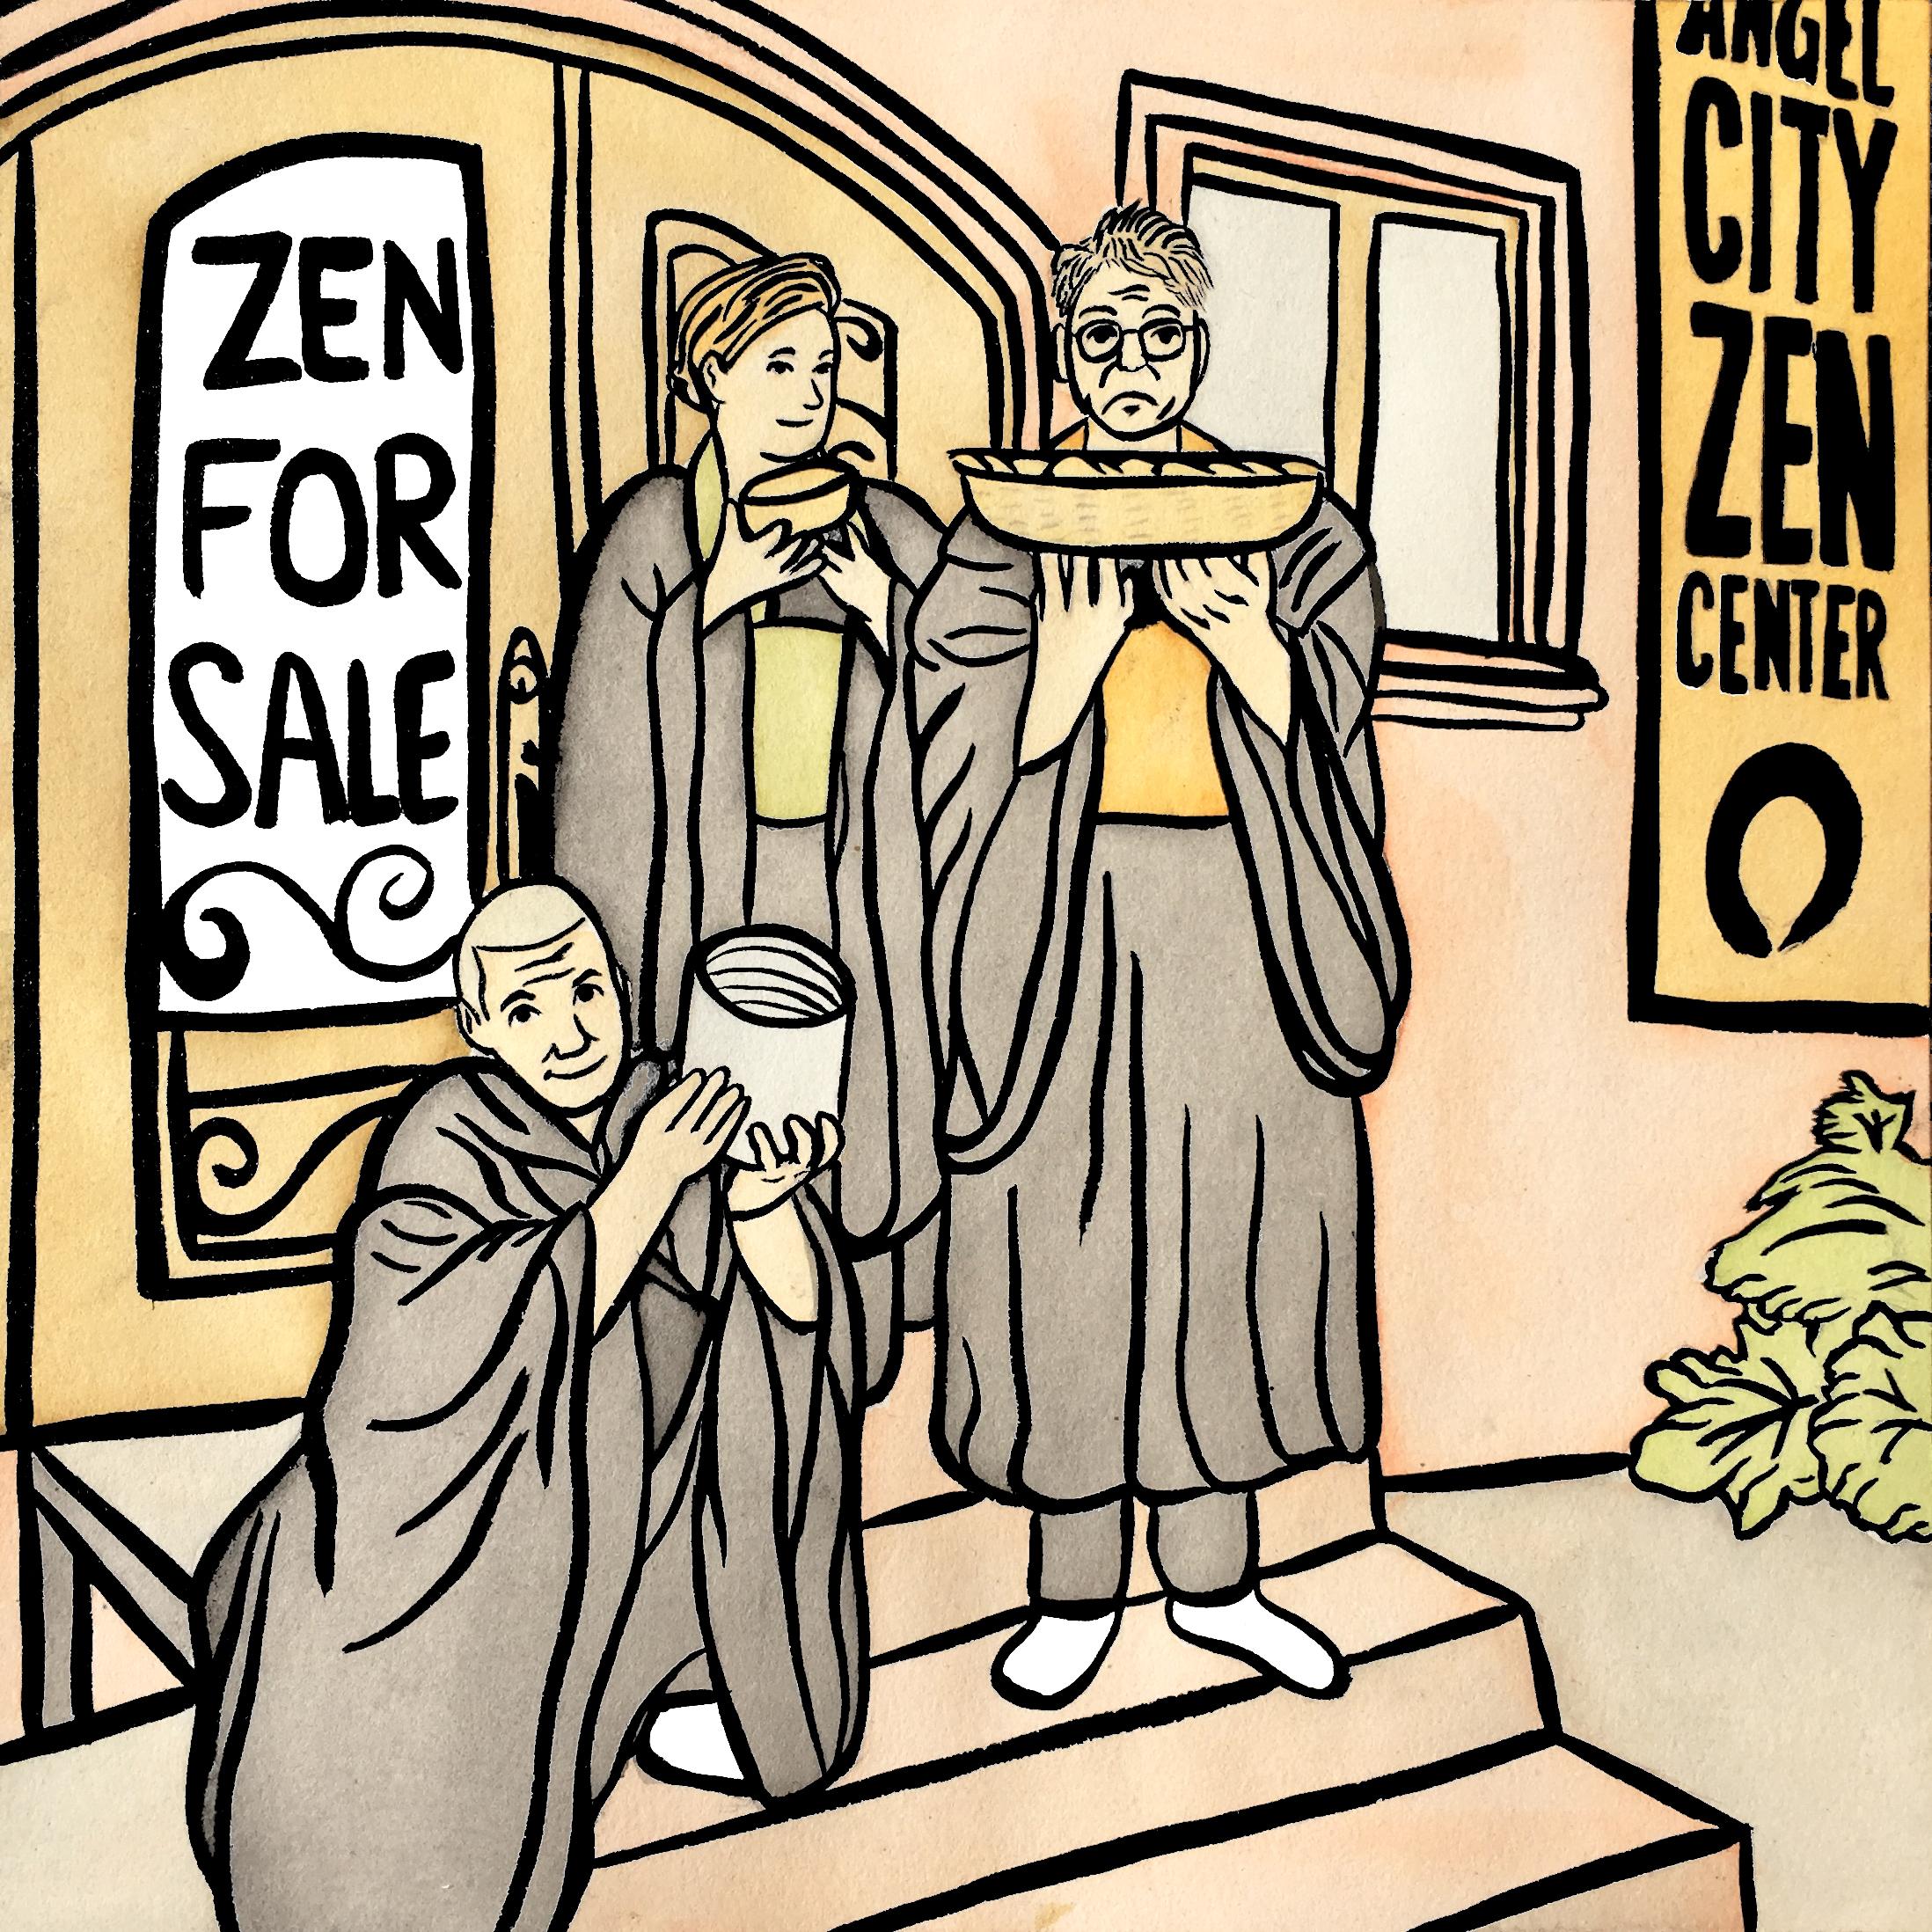 zen for sale.jpg